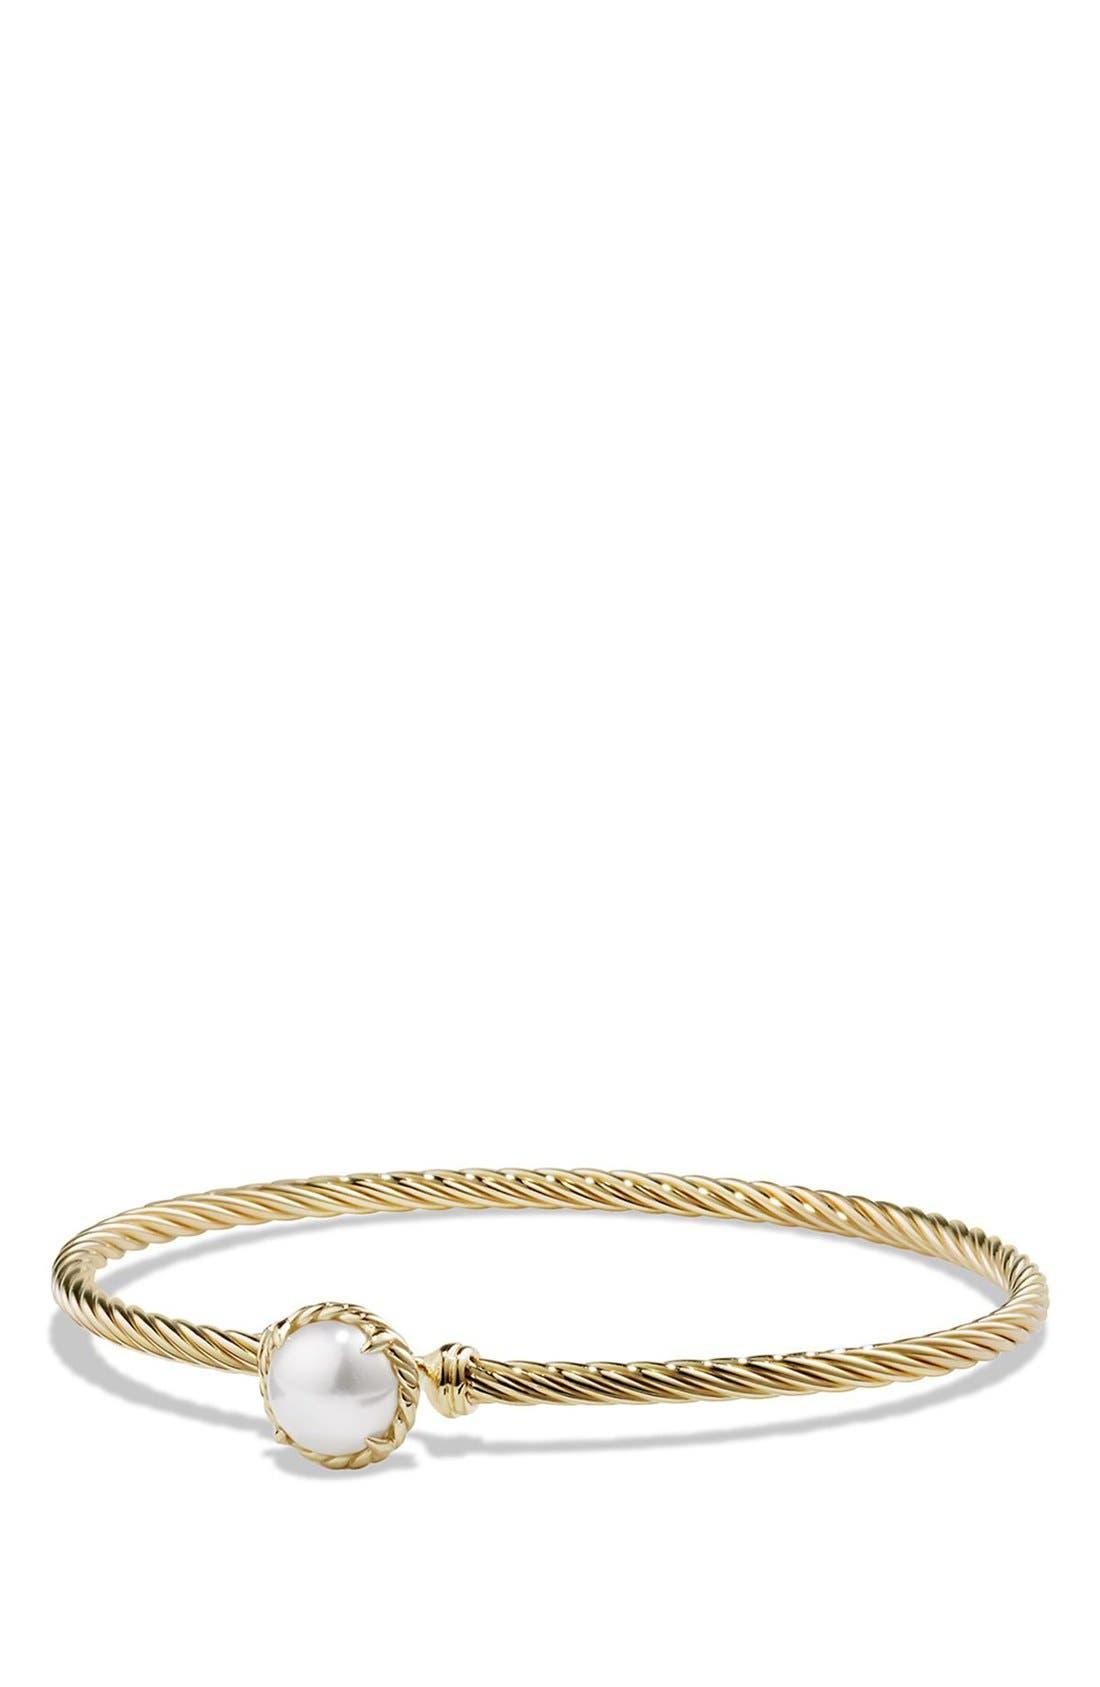 DAVID YURMAN 'Châtelaine' Bracelet with Garnet in 18K